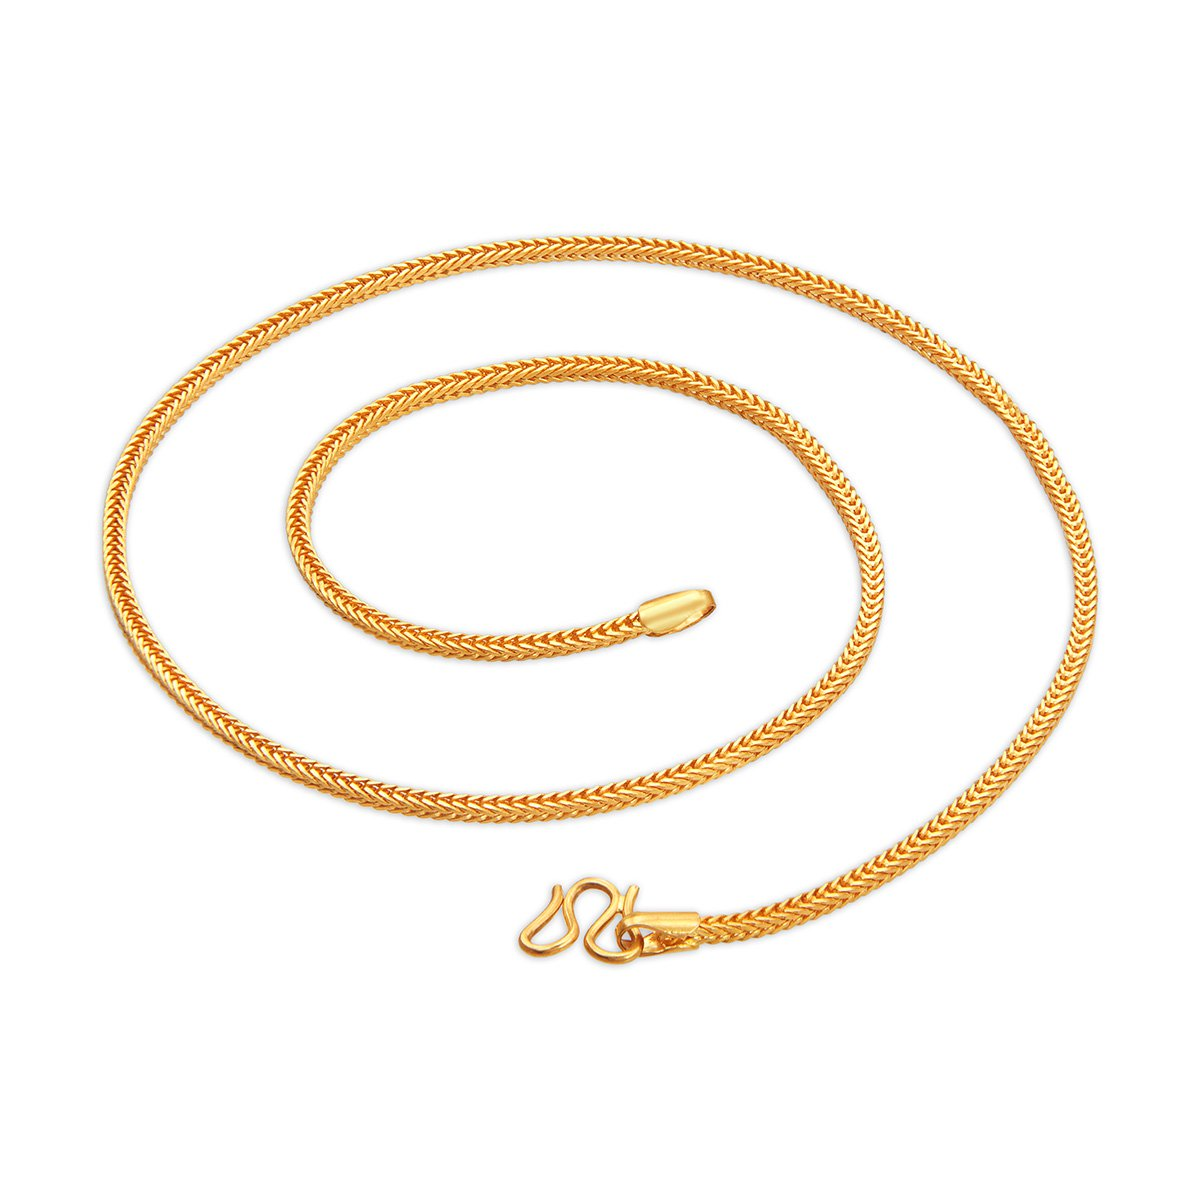 Kasturi Chain